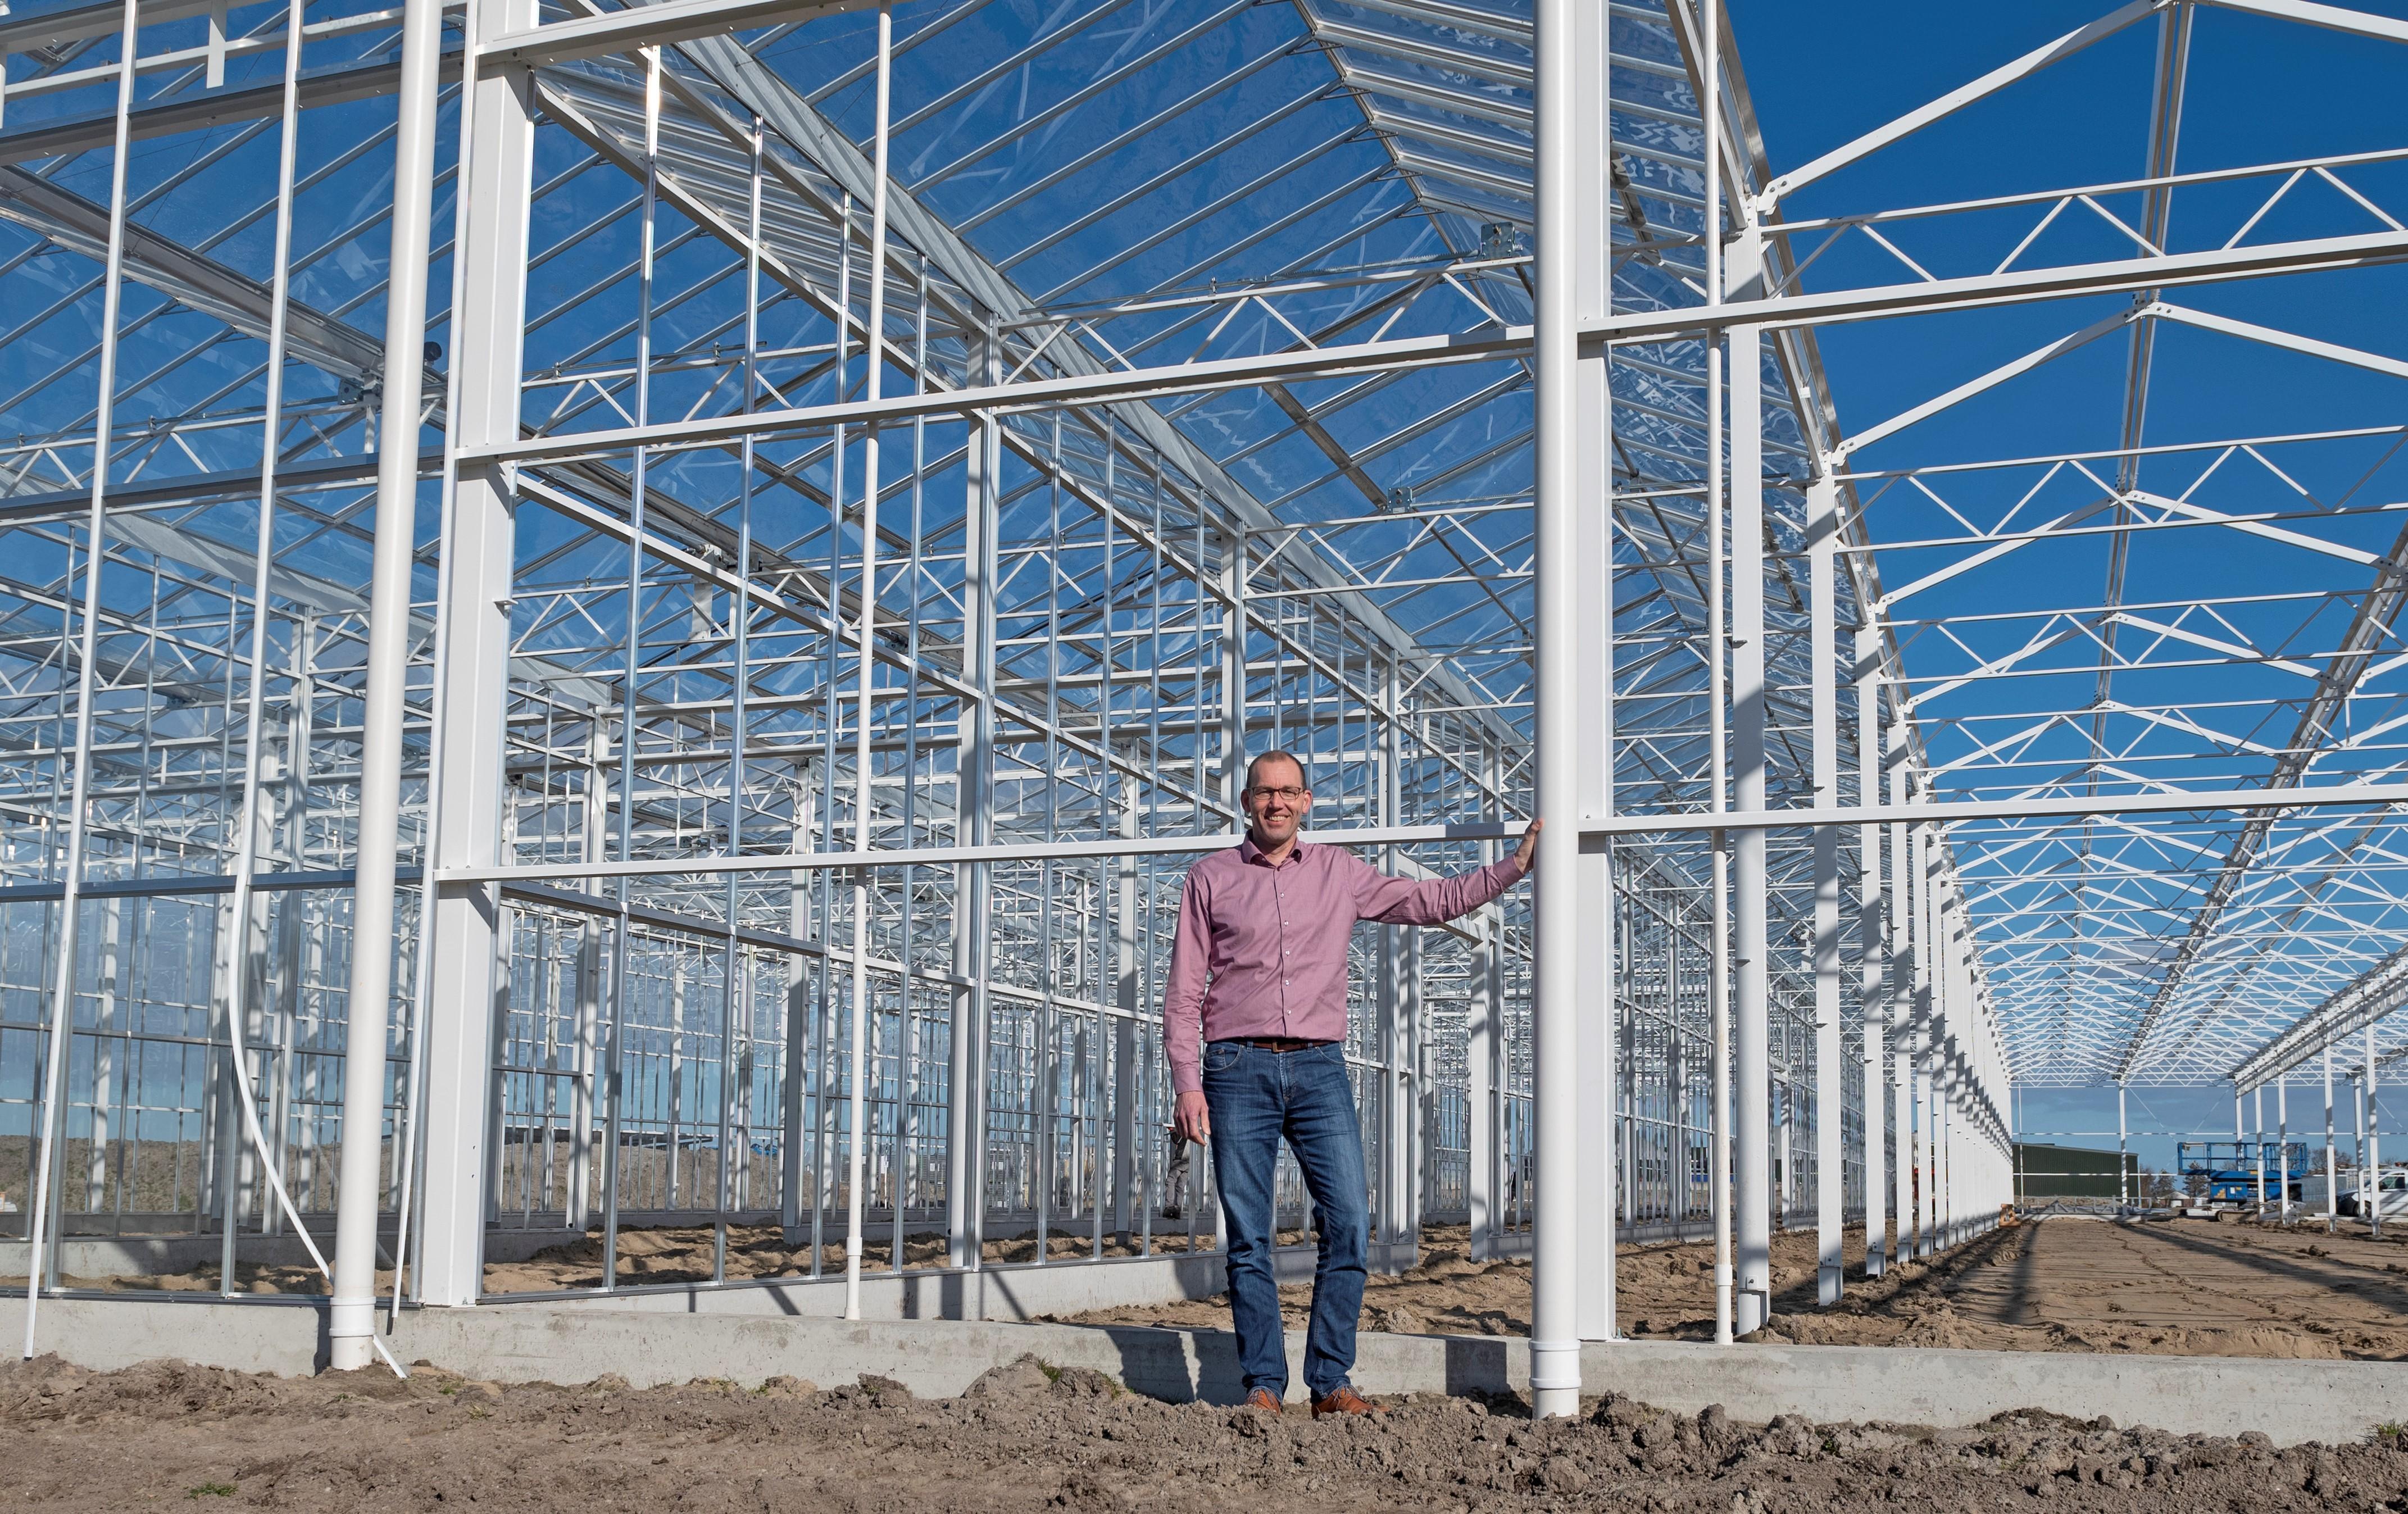 Zadenspecialist Bejo groeit door en wil bij de wereldtop blijven horen; 'We doen gewoon ons ding en daarin volgen we onze eigen visie', zegt directeur John-Pieter Schipper